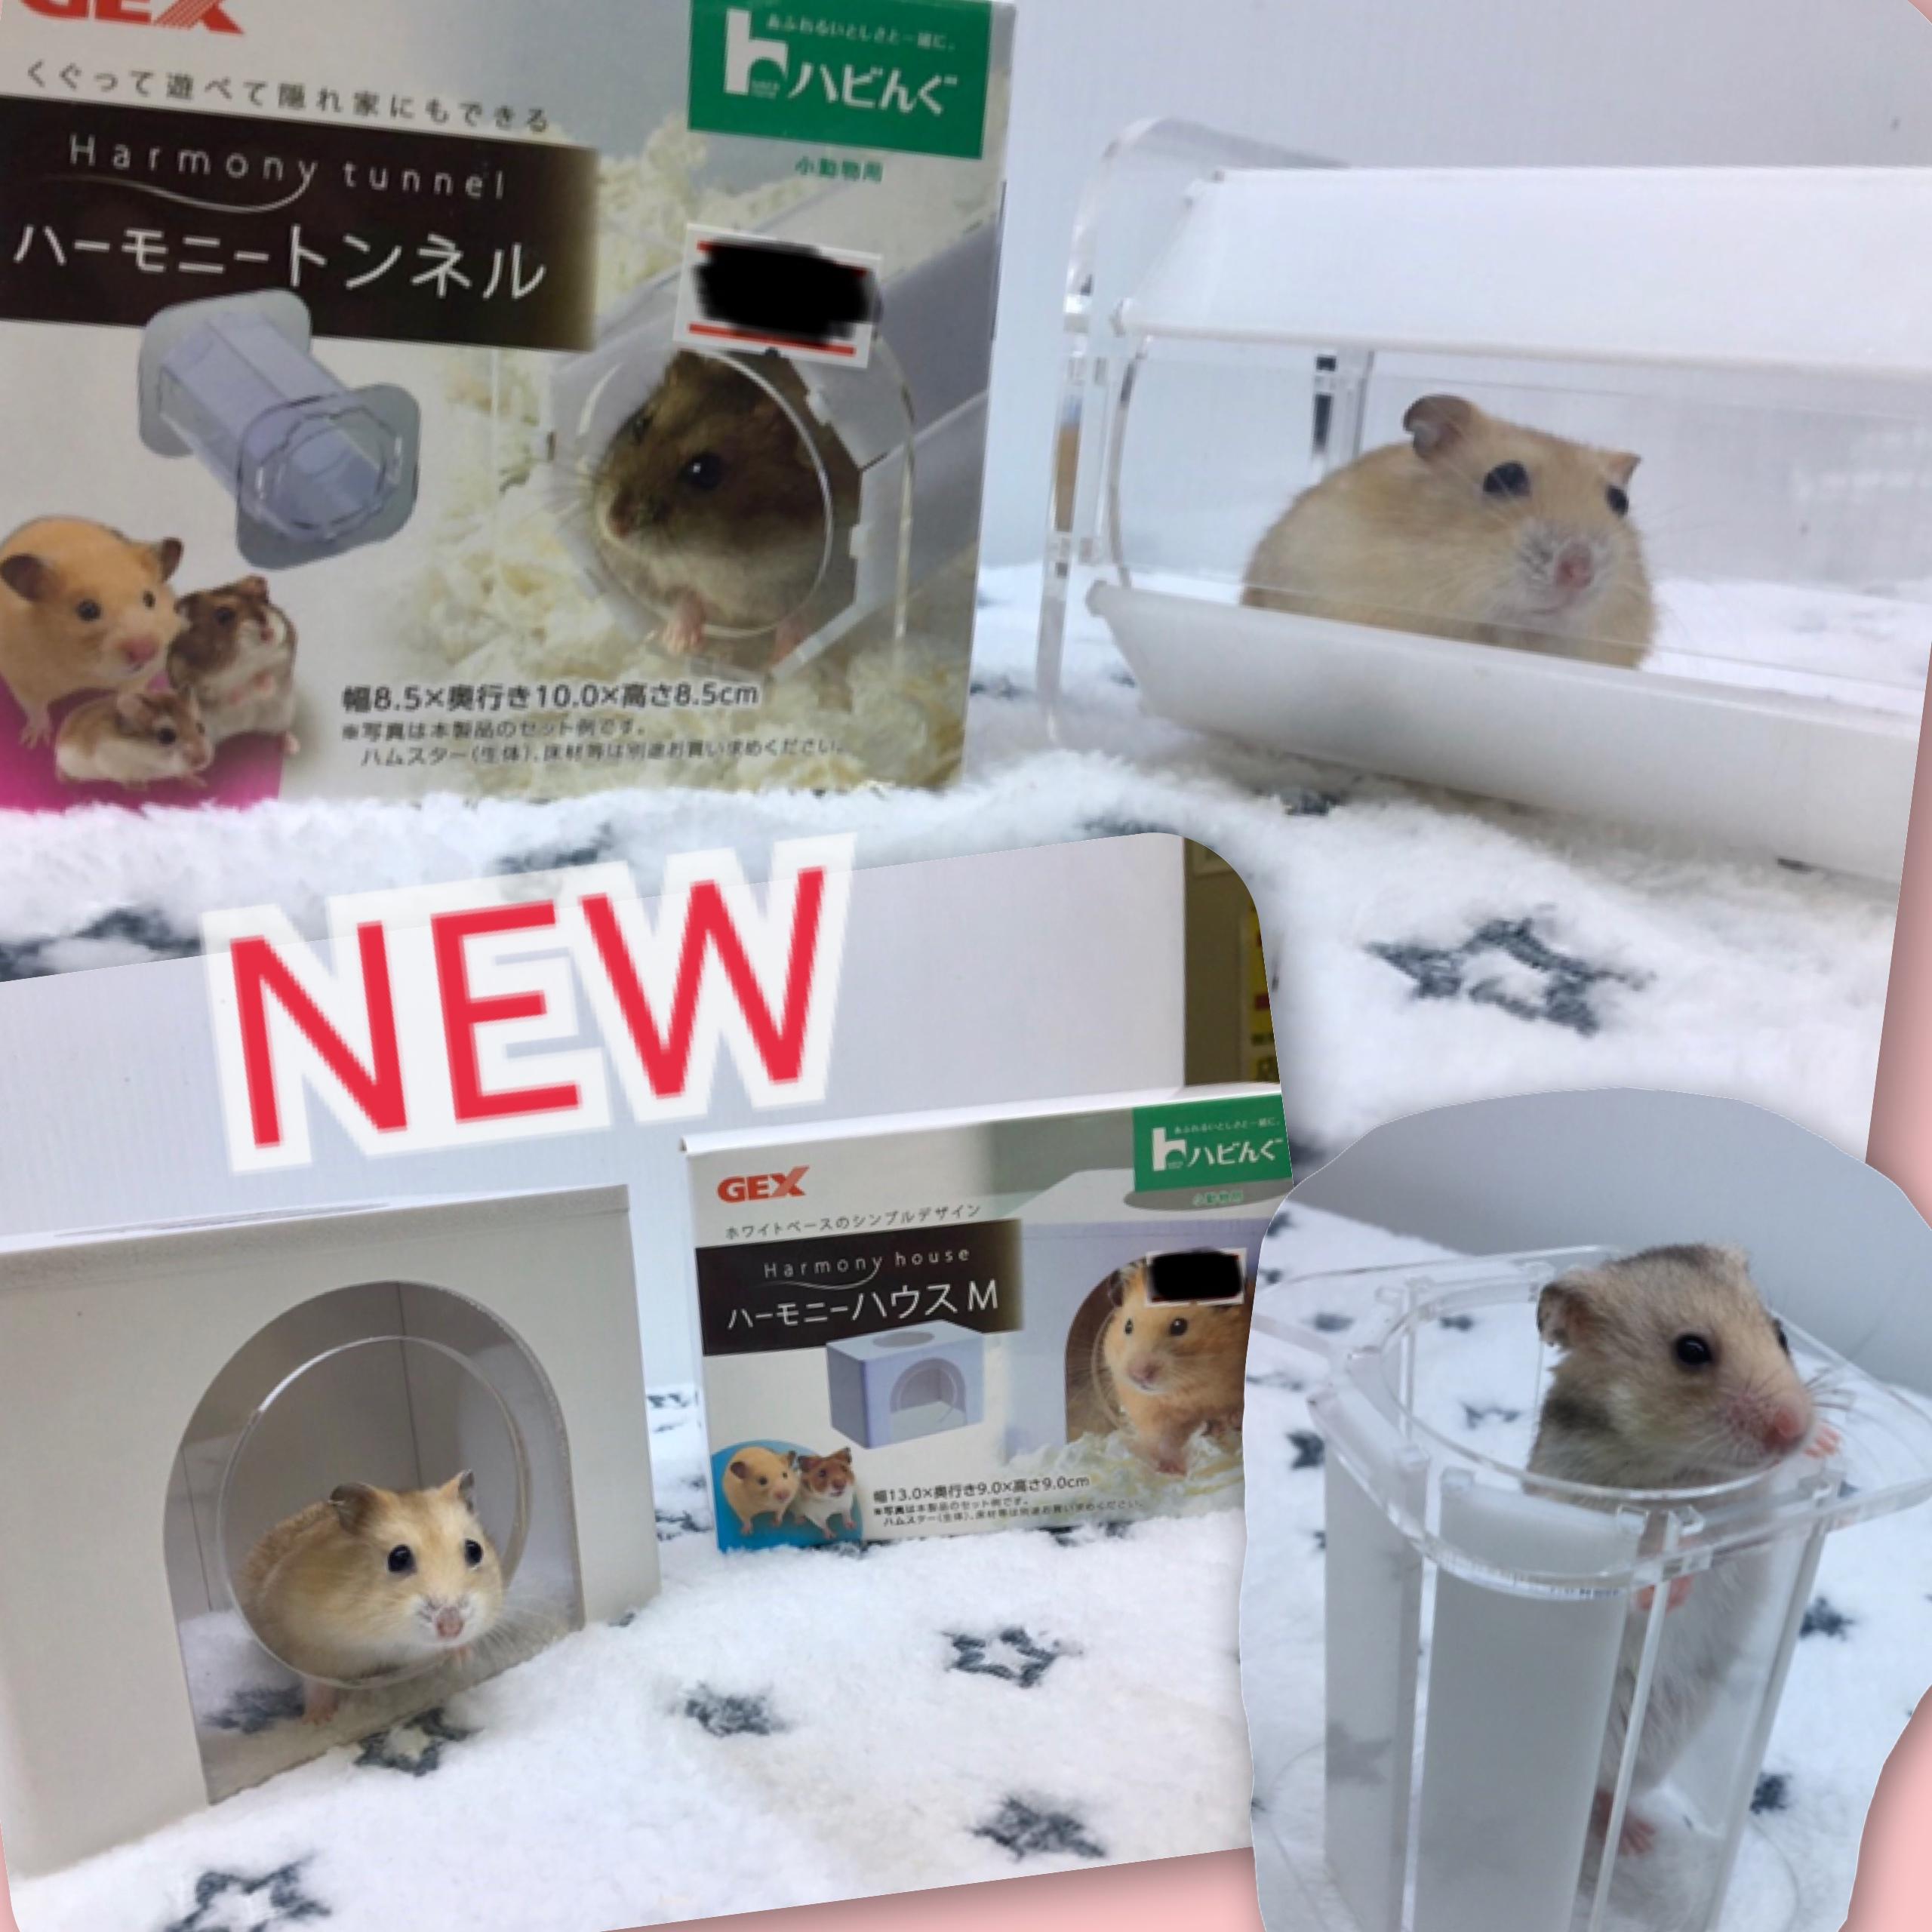 【インター小動物】インター店にも過激な物量の新商品が着弾ッ‼︎‼︎~こだわりの映える写真を添えて~